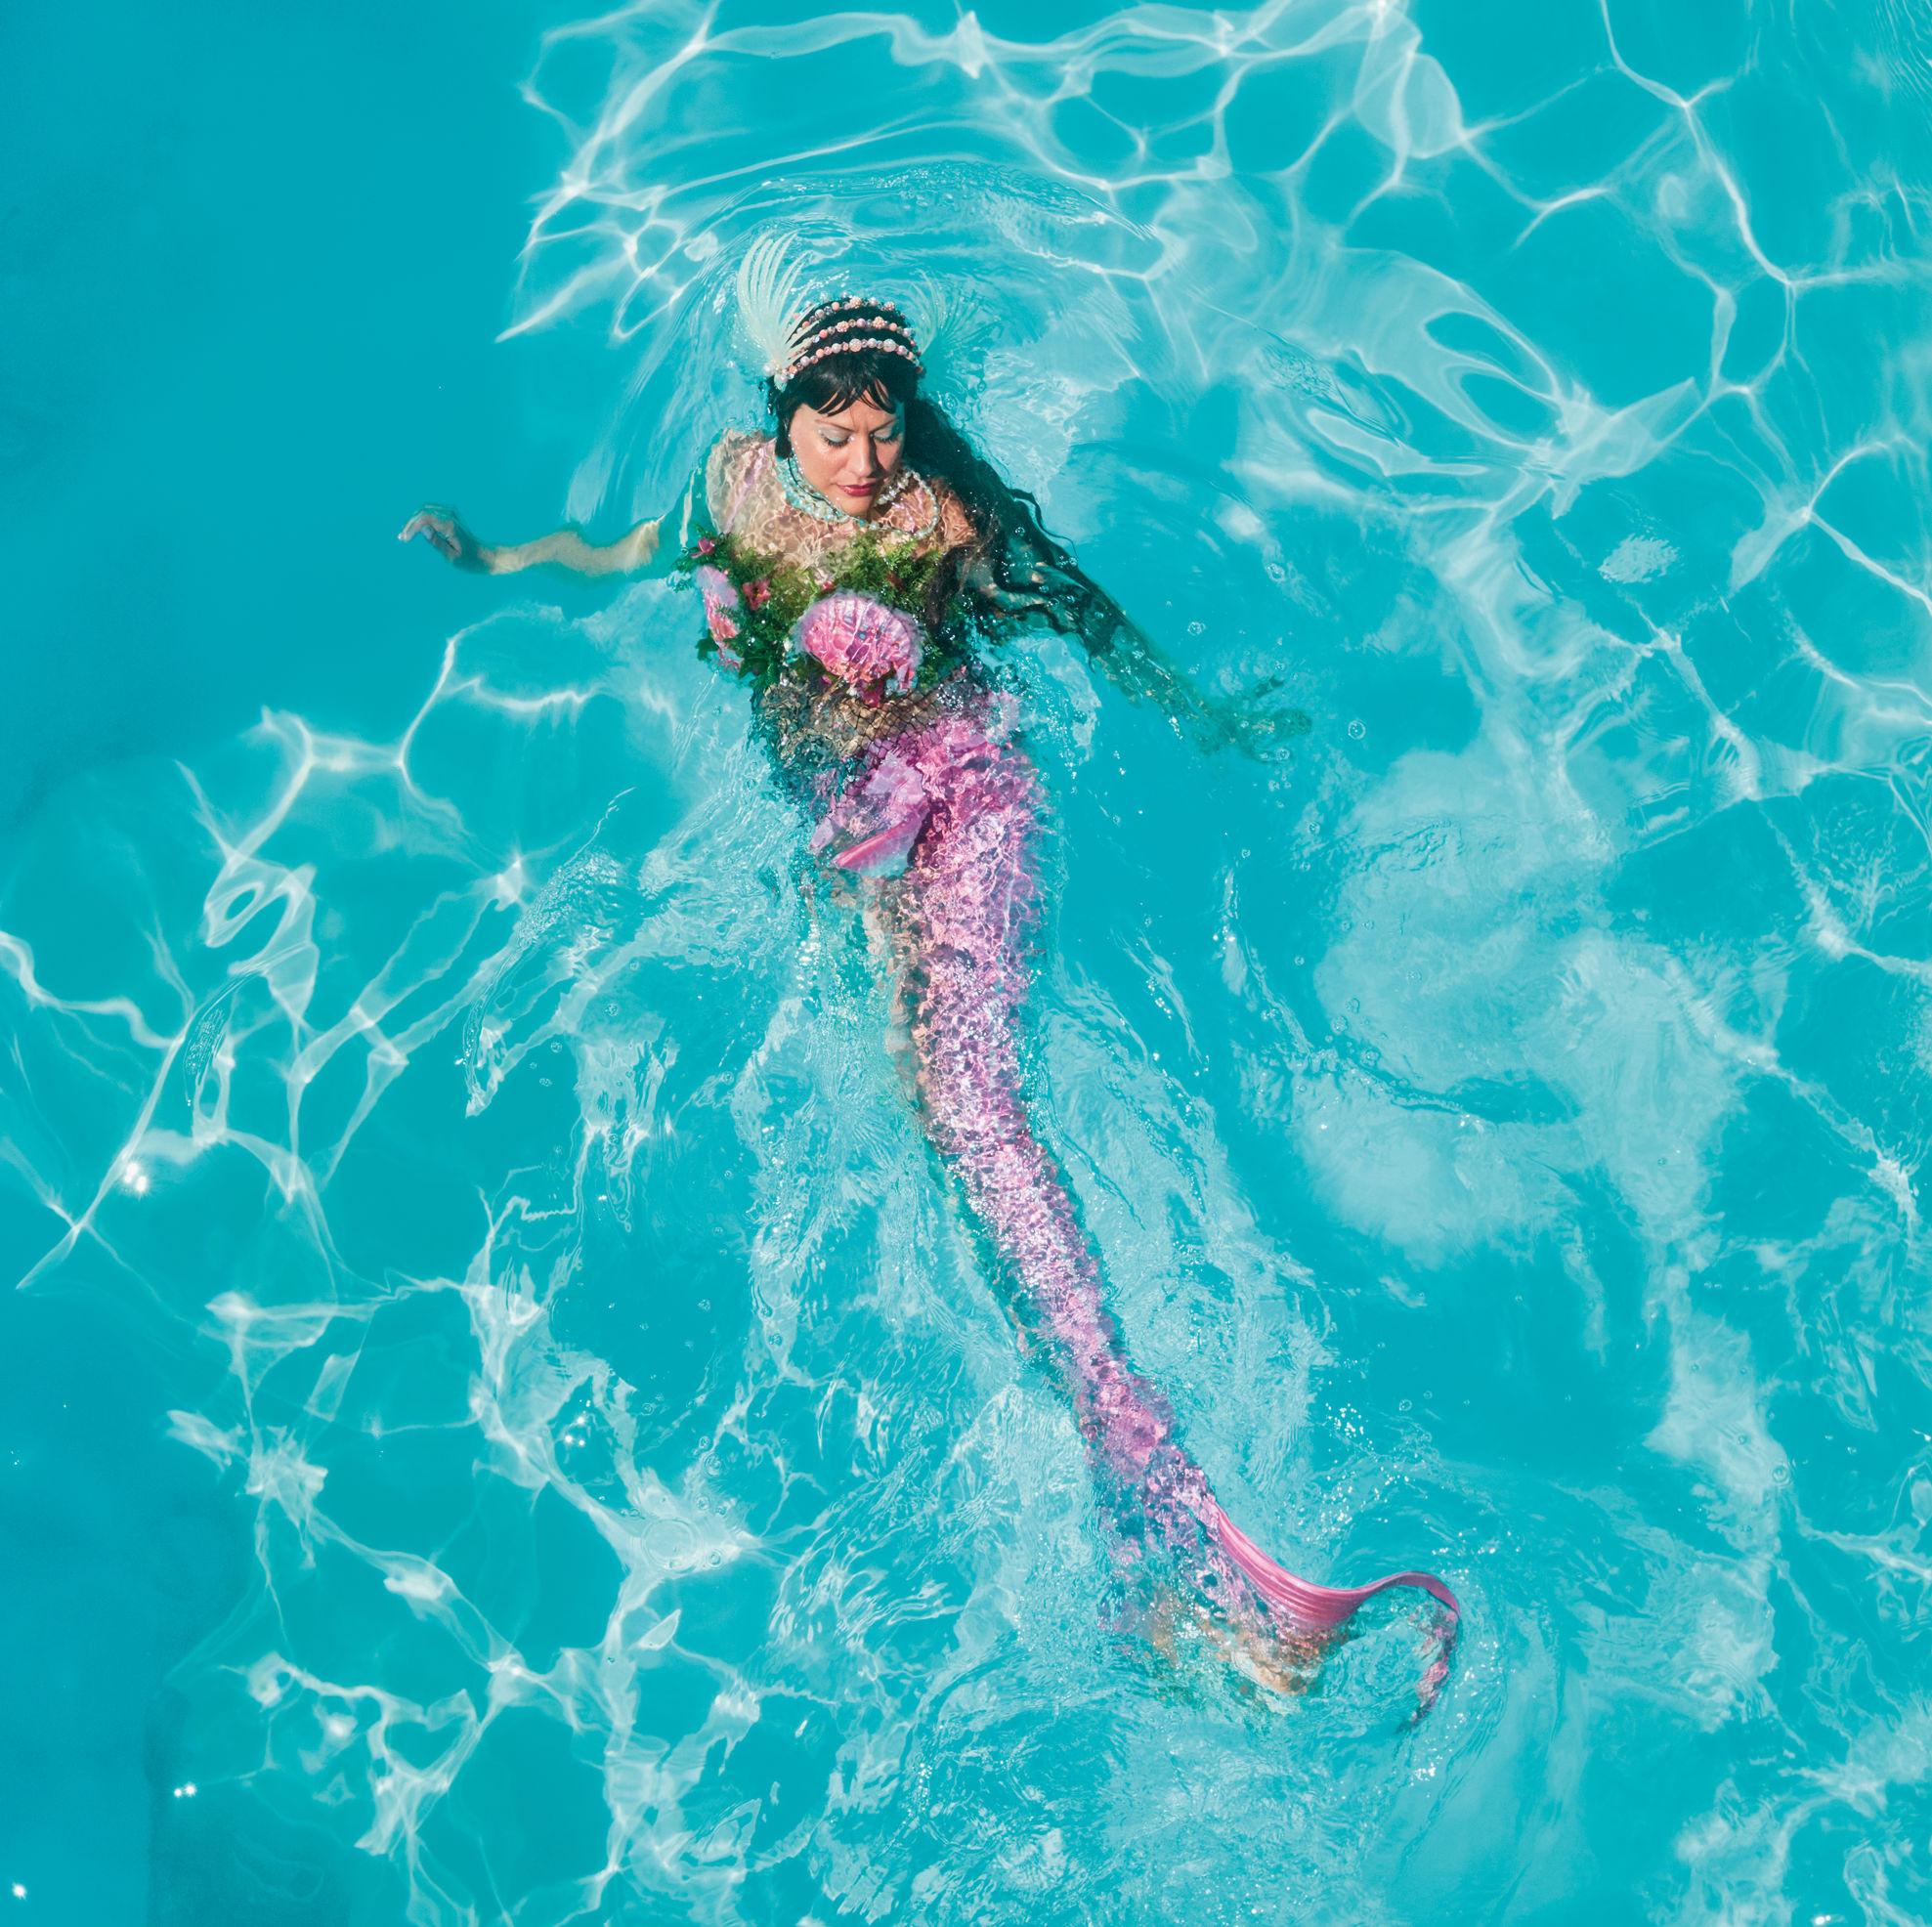 0717 lss mermaid z8h1hn